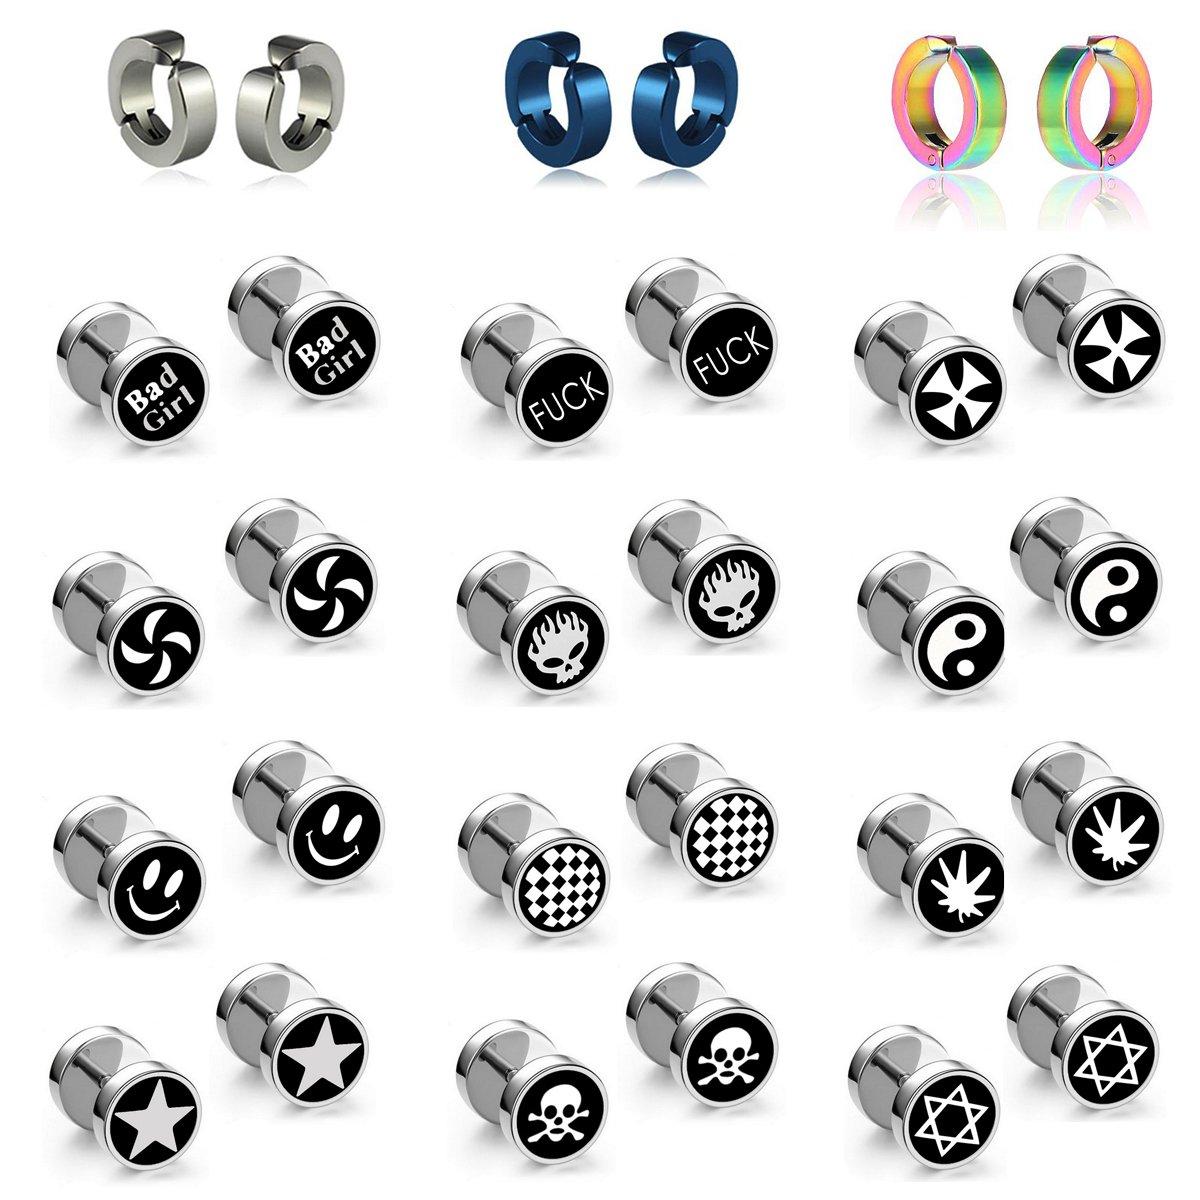 15 Paris Stainless Steel Ear Piercing Plugs and Non-pierced Mens Womens Hoop Earrings Bad Girl,Smile,Hexagram,Skull Black Punk Earrings Studs with Screw Back (12 Ear Plugs and 3 Non-pierced)